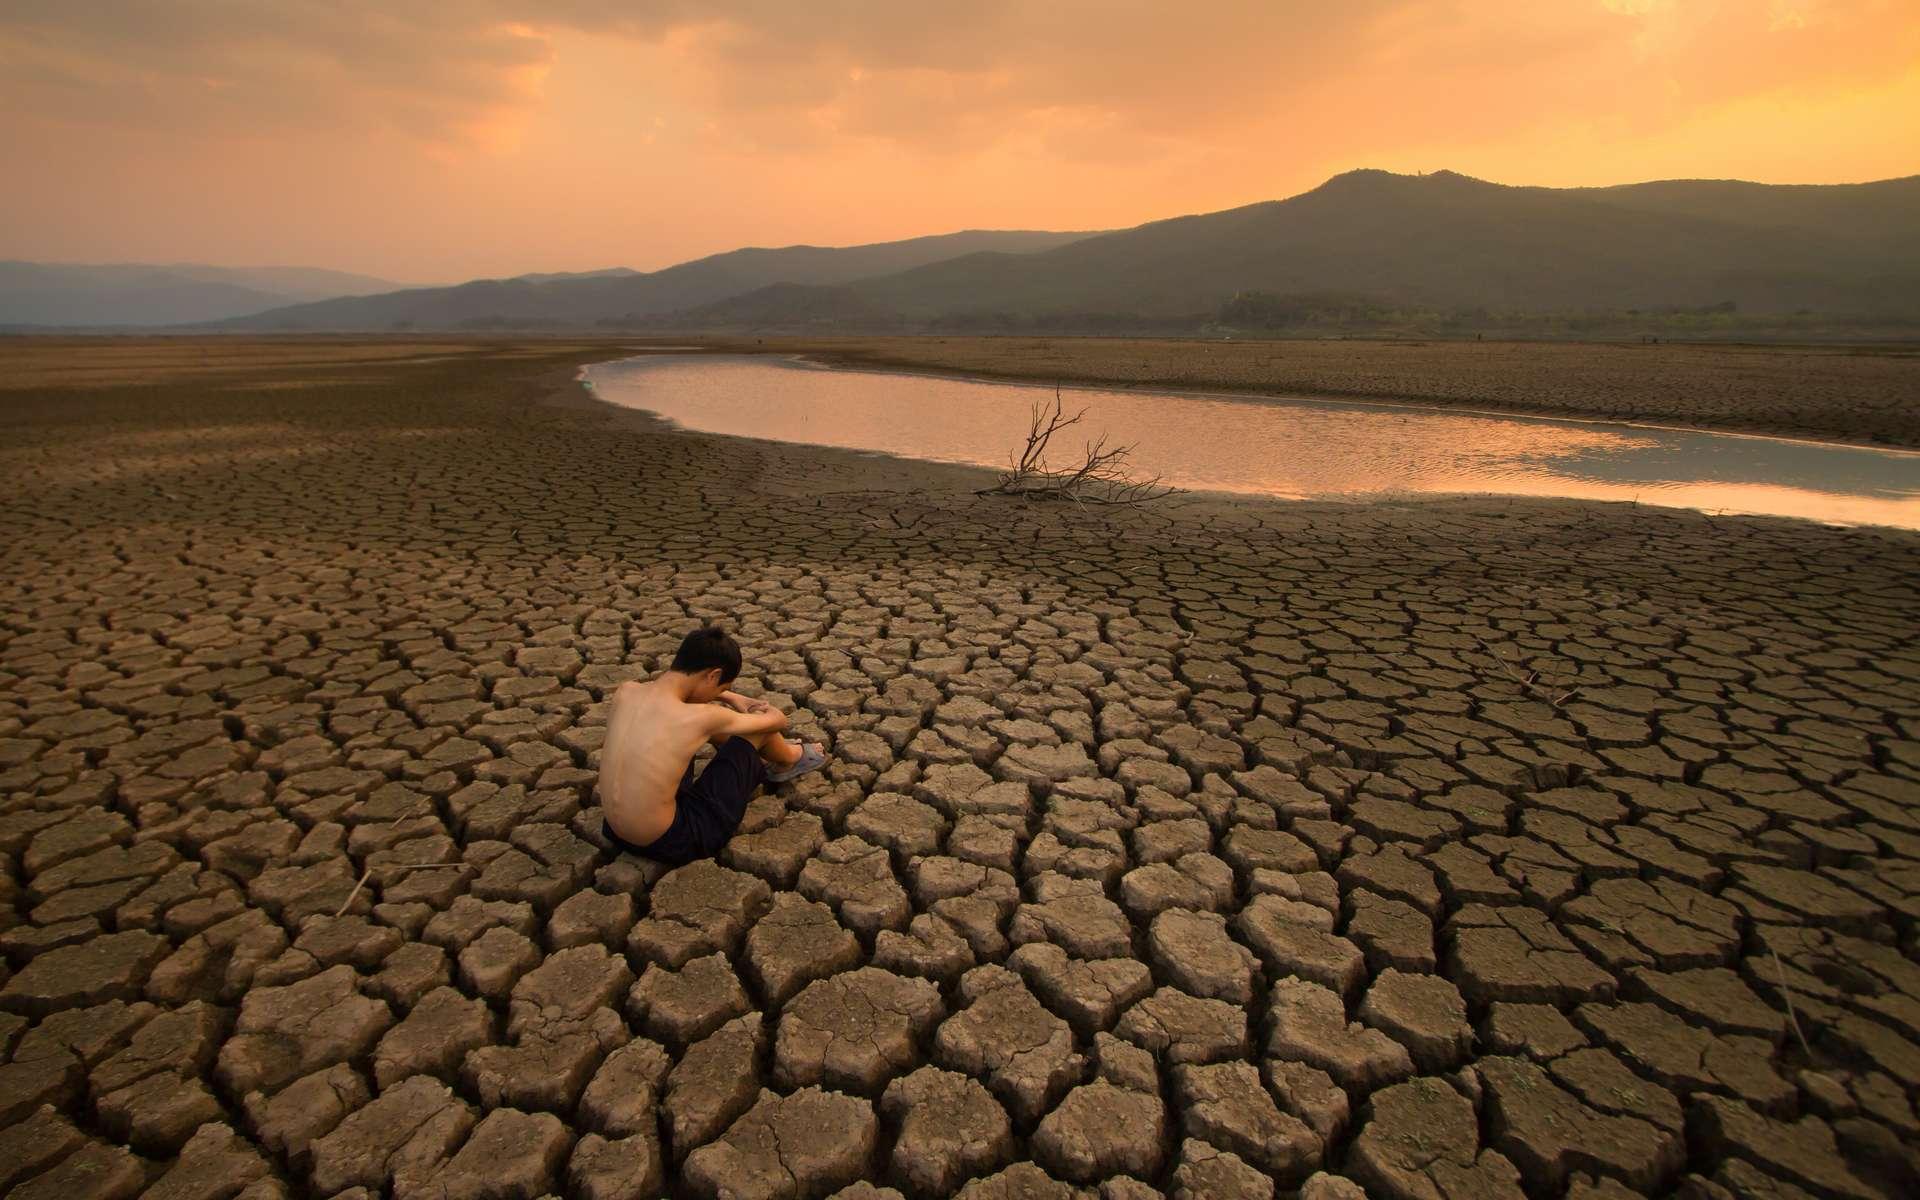 En matière d'adaptation au réchauffement climatique, des chercheurs de l'université de l'État de l'Ohio (États-Unis) estiment que nous nous y prenons mal en visant des adaptations incrémentales plutôt que des stratégies de transformations globales. © piyaset, Adobe Stock